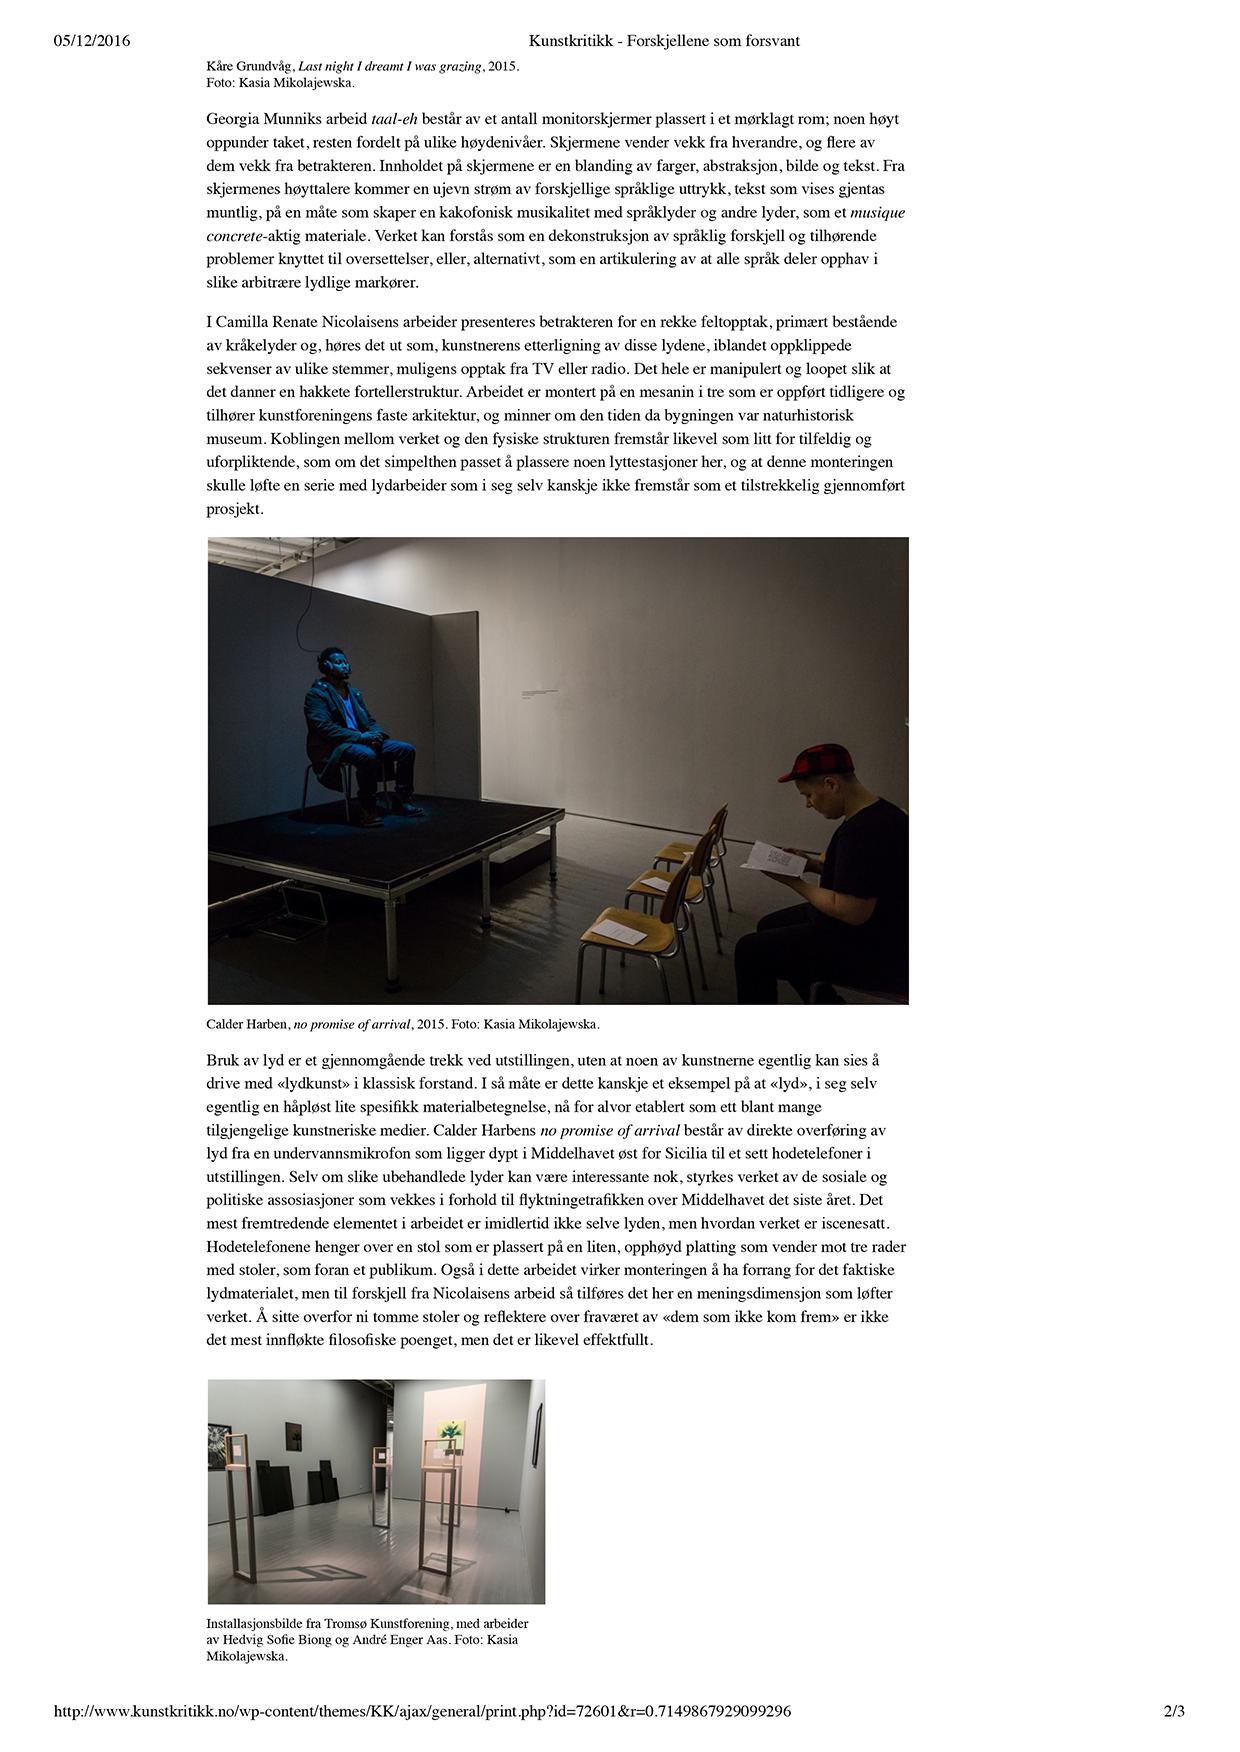 Kunstkritikk - Forskjellene som forsvant (dragged) 3.jpg